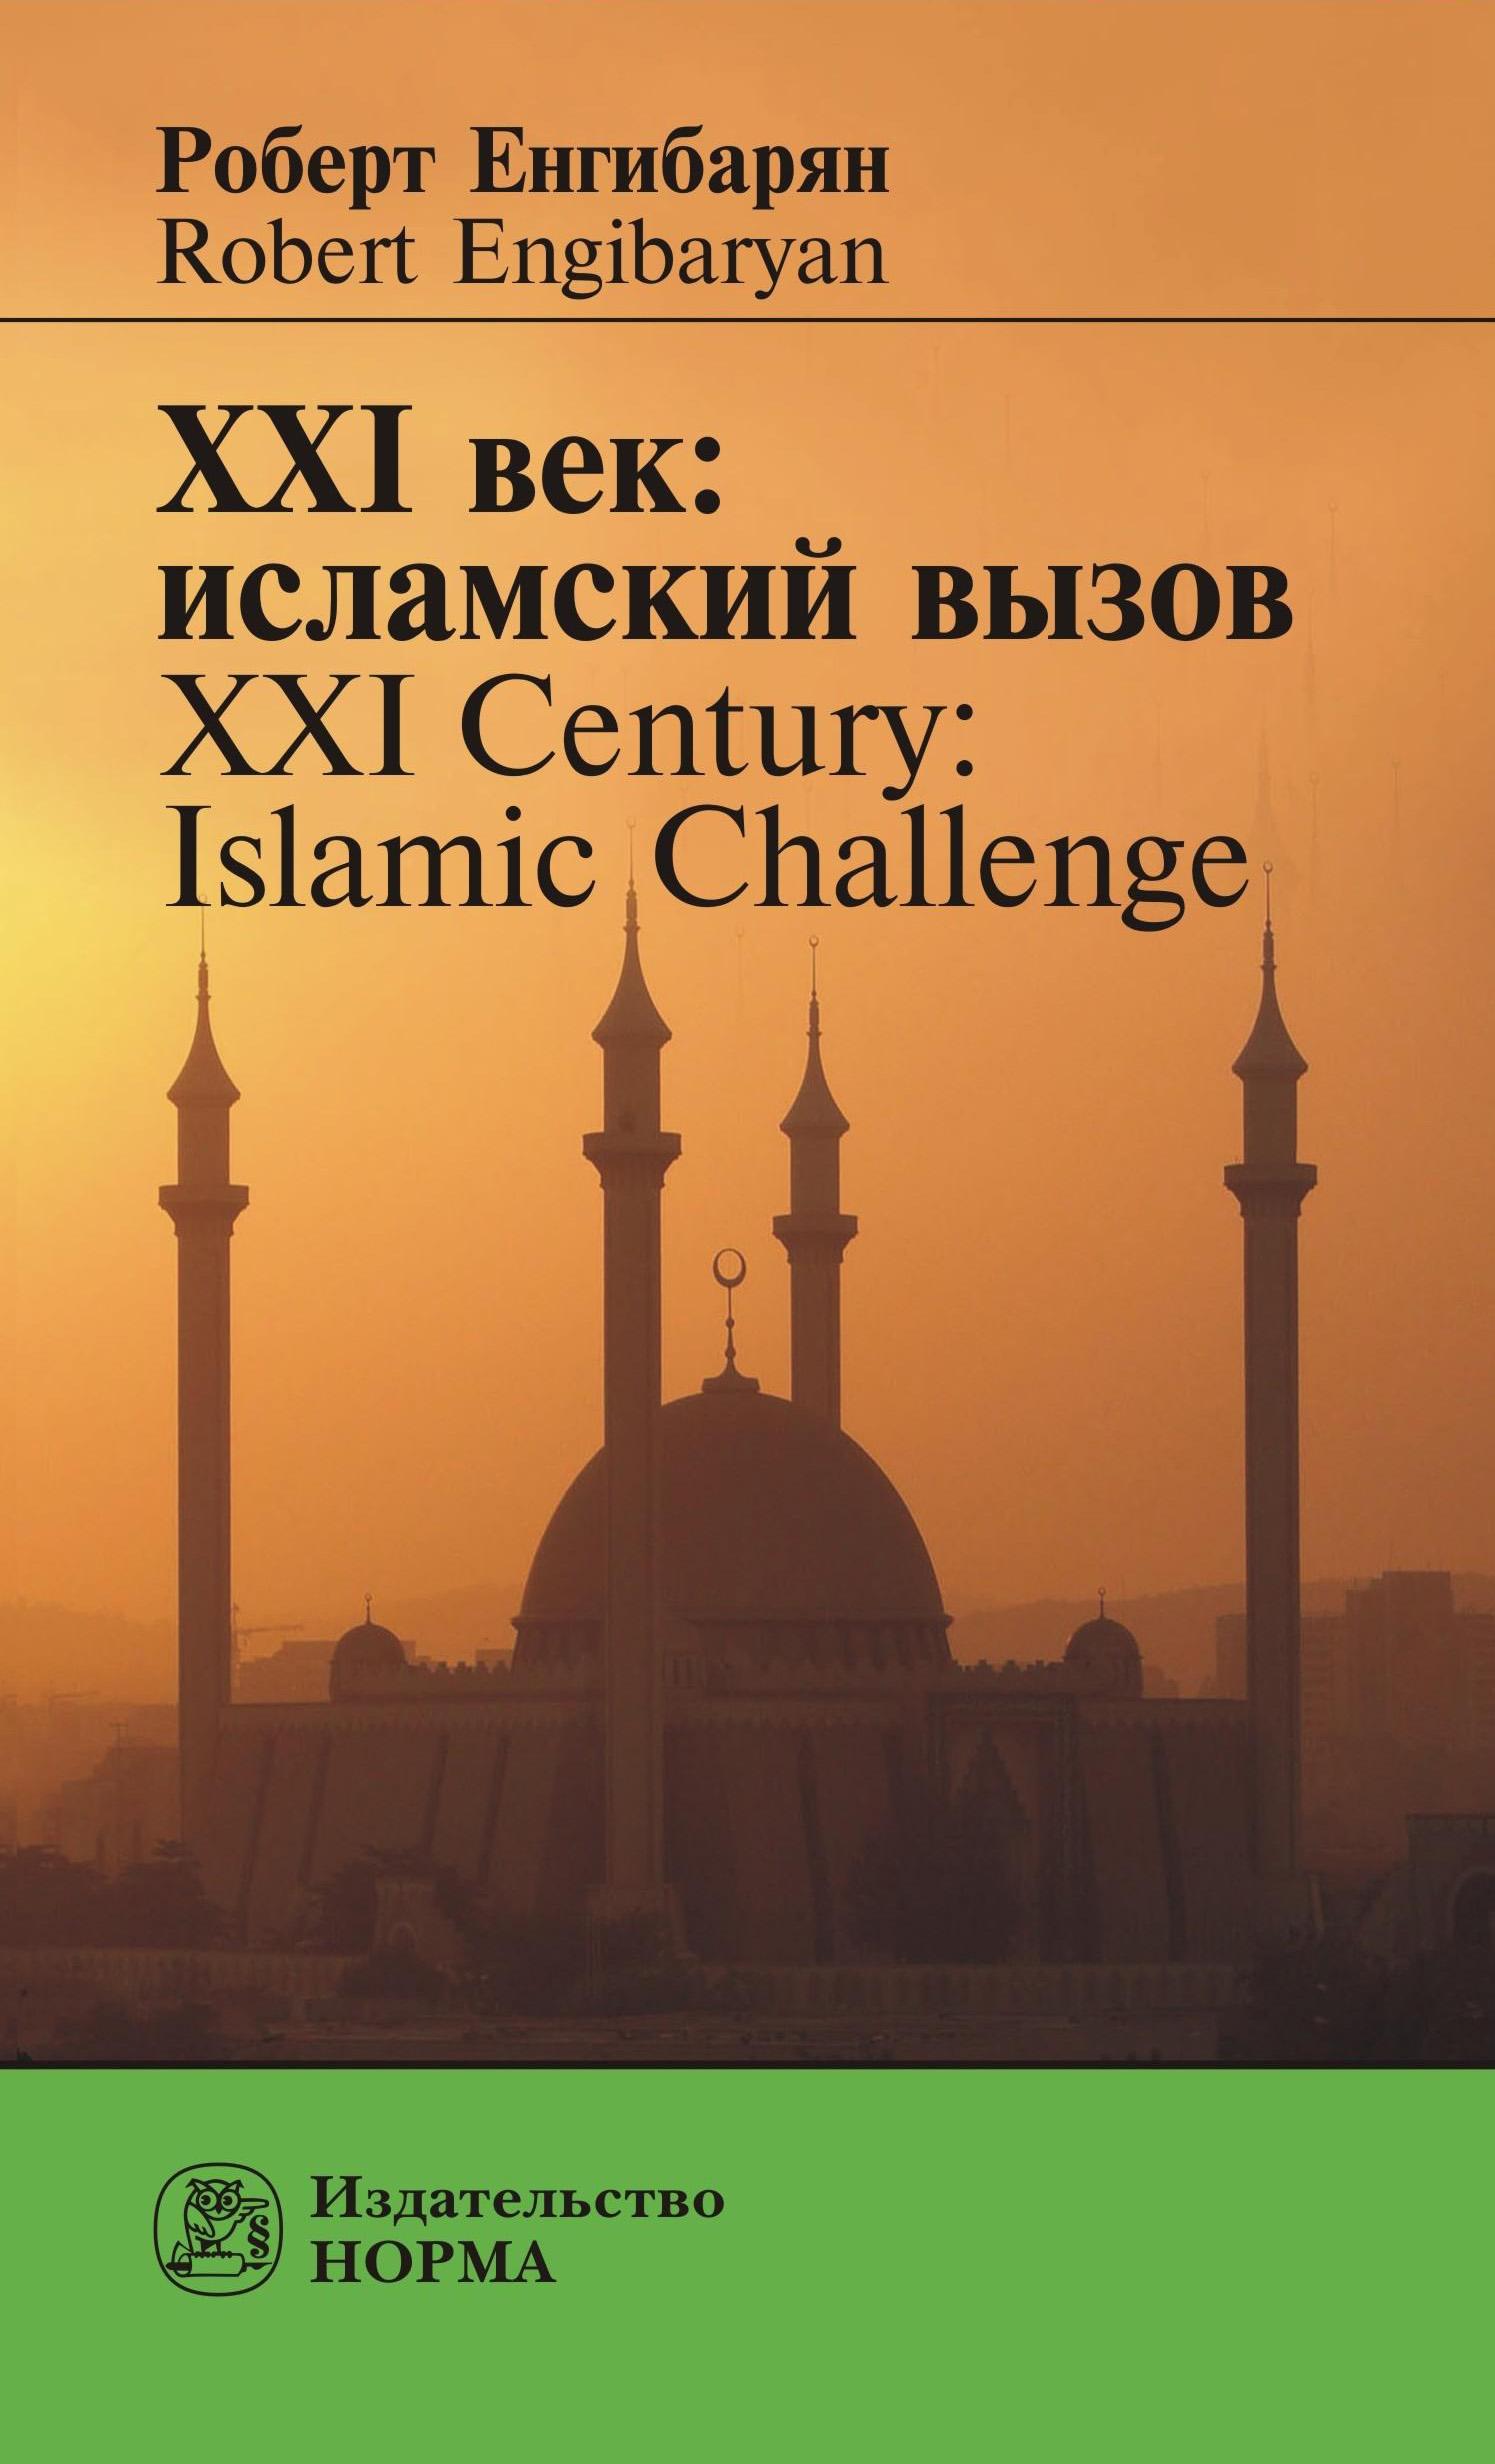 XXI век: исламский вызов. XXI Century: Islamic Challenge